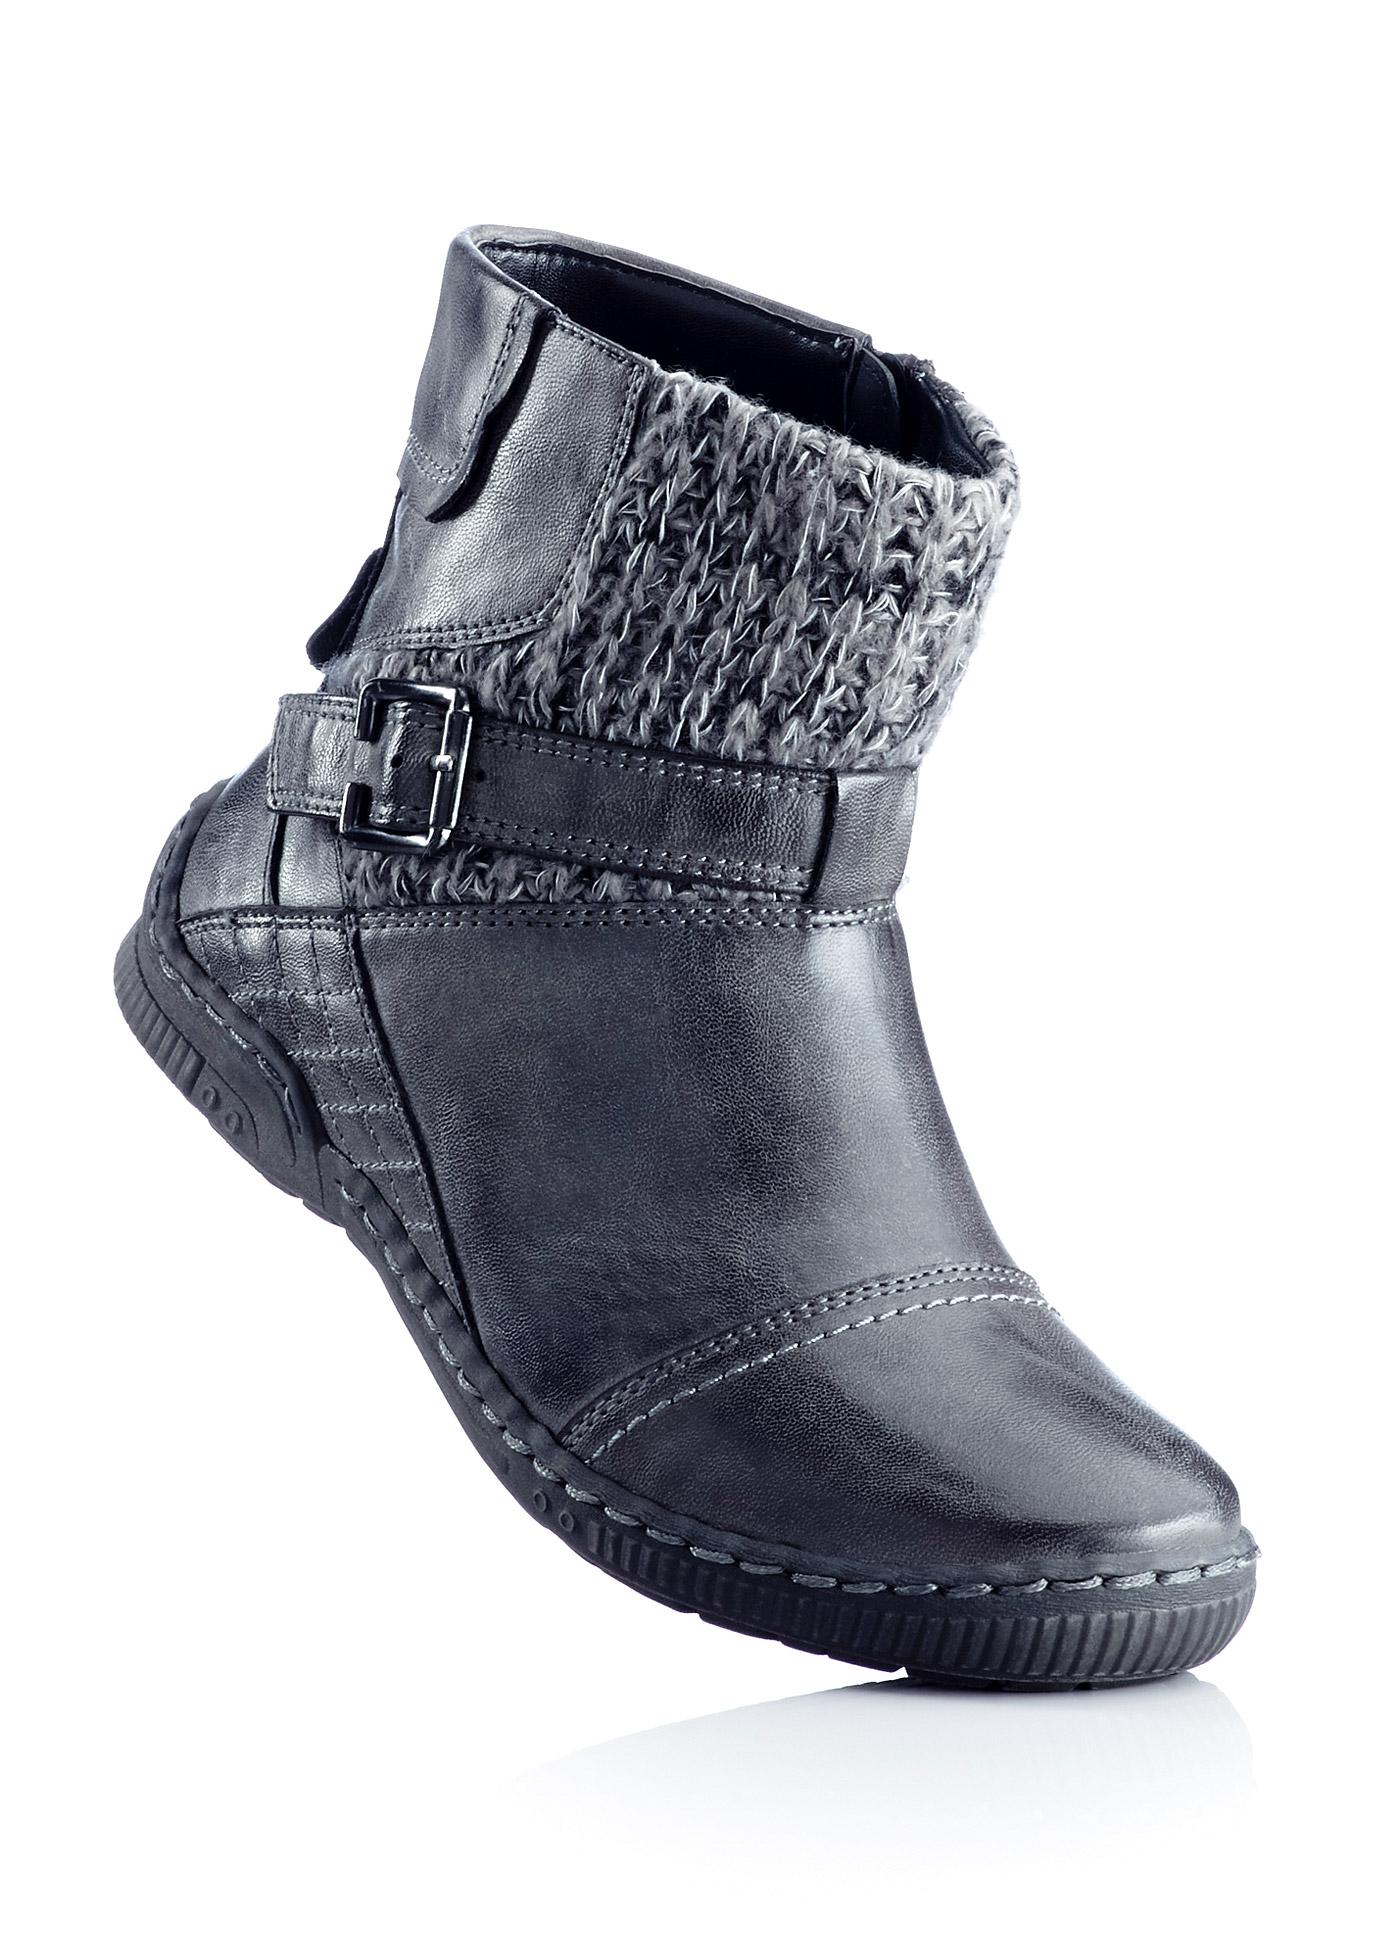 Stiefelette in grau von bonprix Schuhe und Accessoires > Damenschuhe > Bequemschuhe